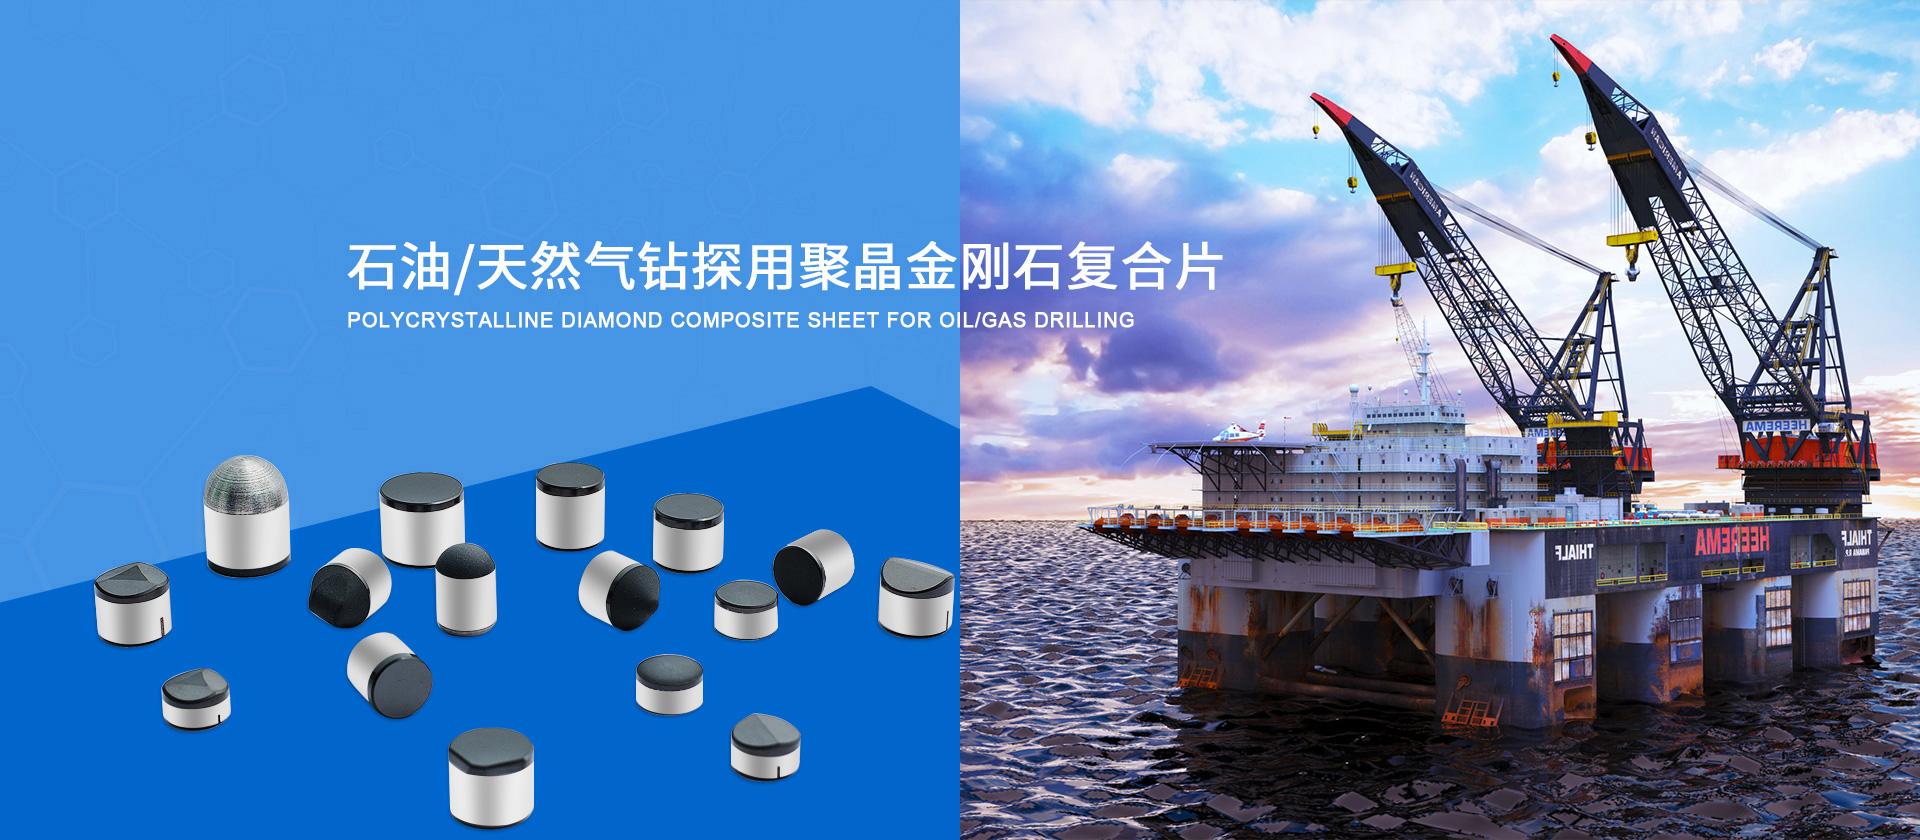 河南四方達超硬材料股份有限公司